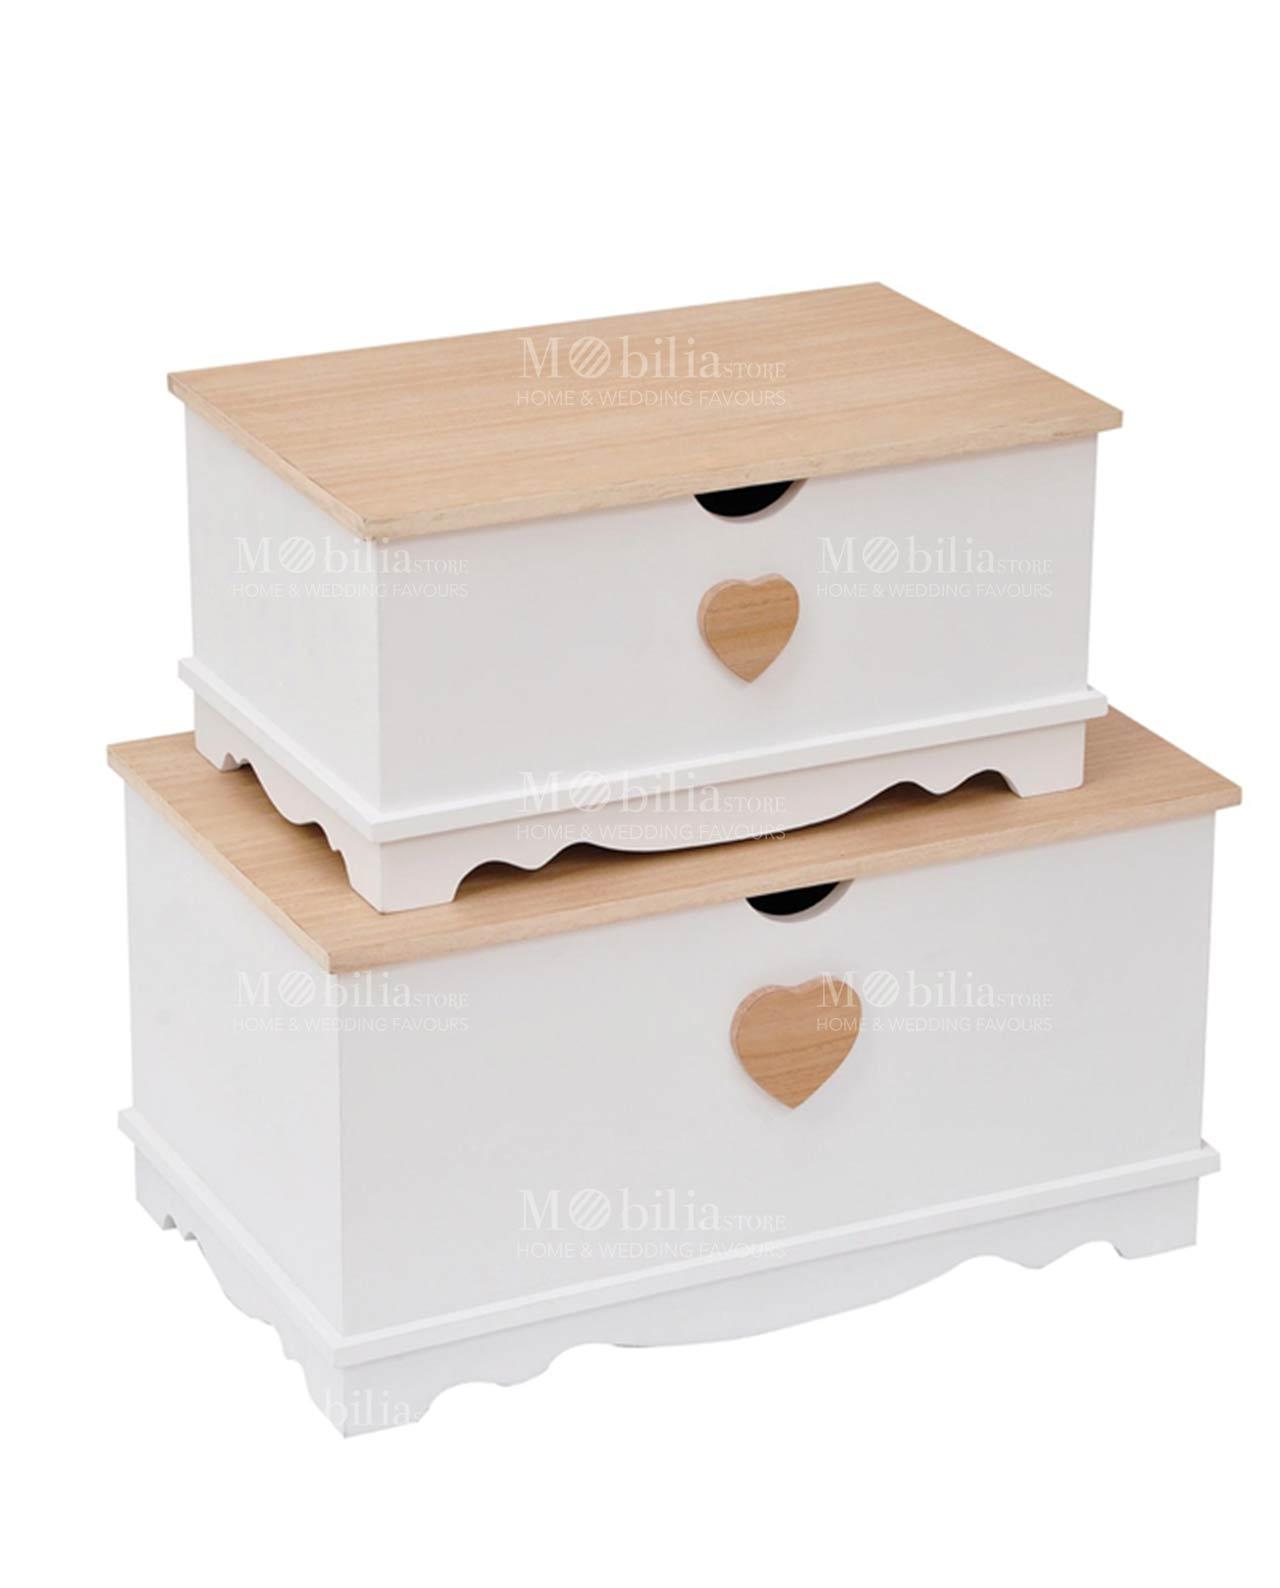 Baule legno con cuore Set 2 pezzi - MobiliaStore